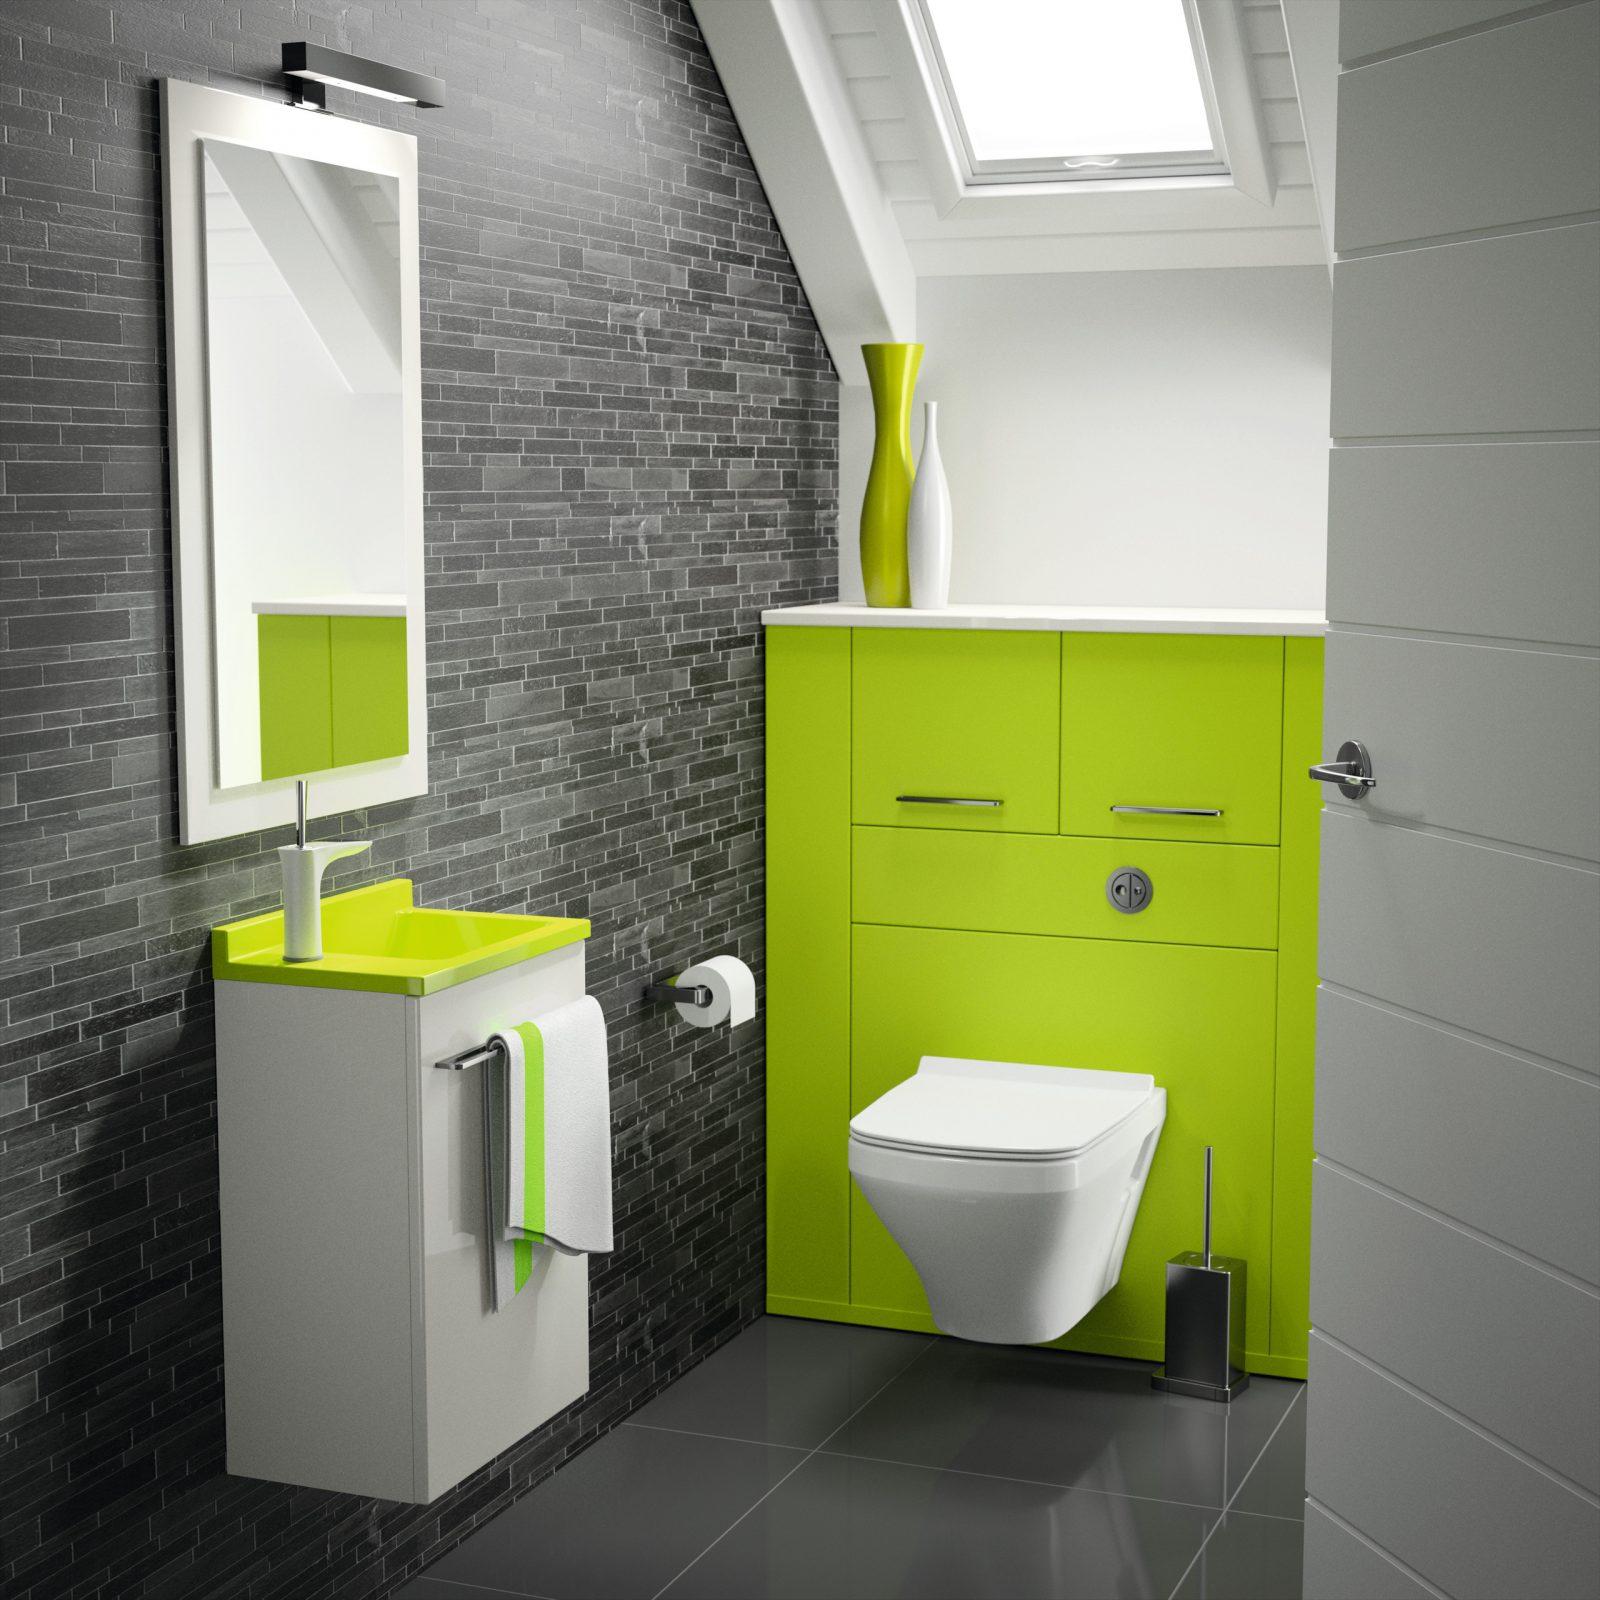 Lave mains sur meuble dans la salle de bain fiche - Lave main sur colonne ...